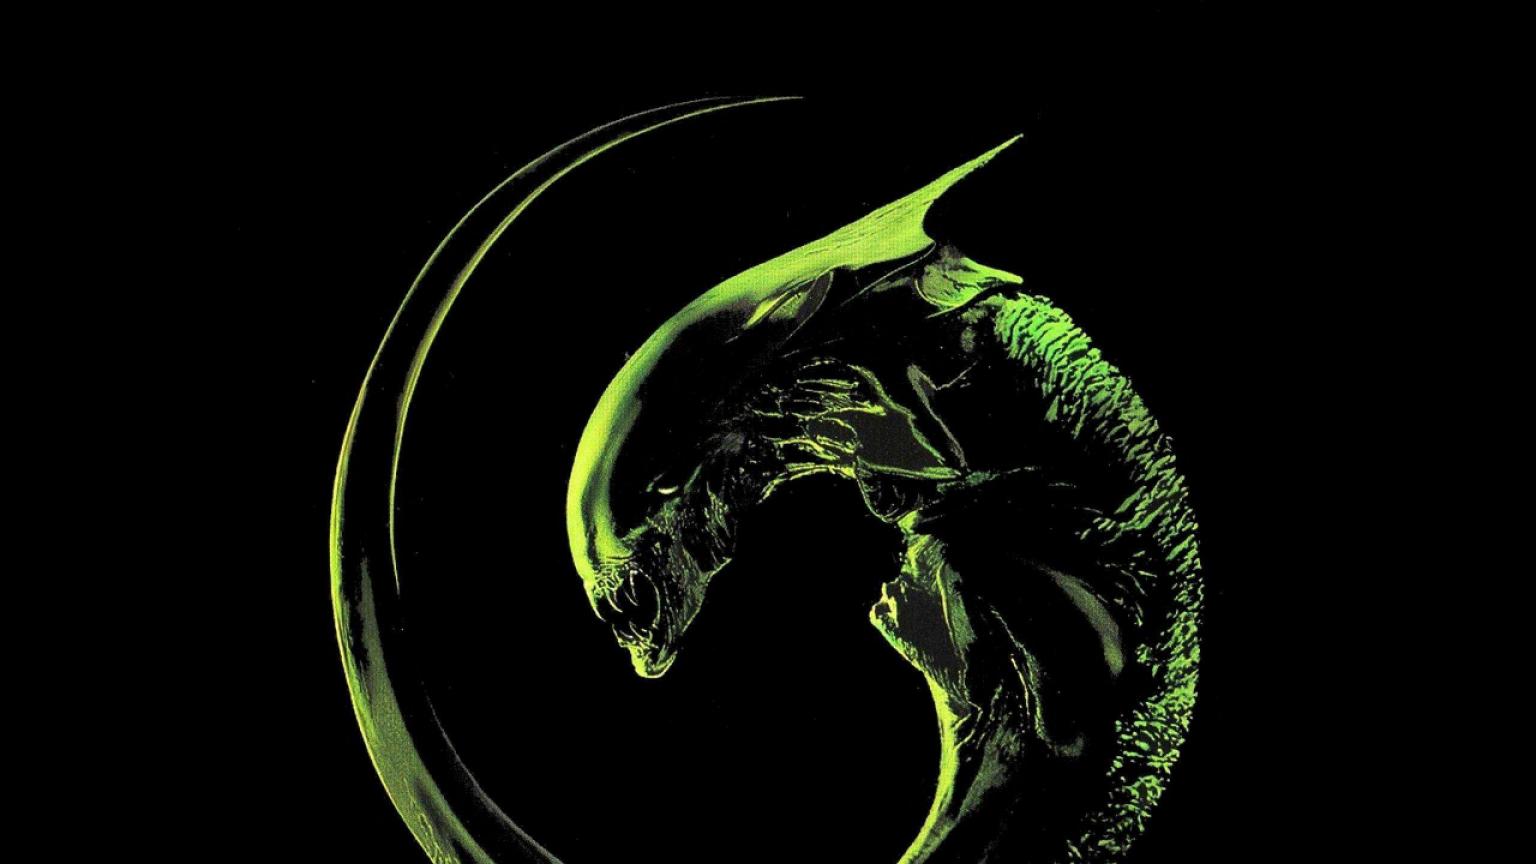 download Alien Movie Wallpapers [2560x1600] for your Desktop 1536x864